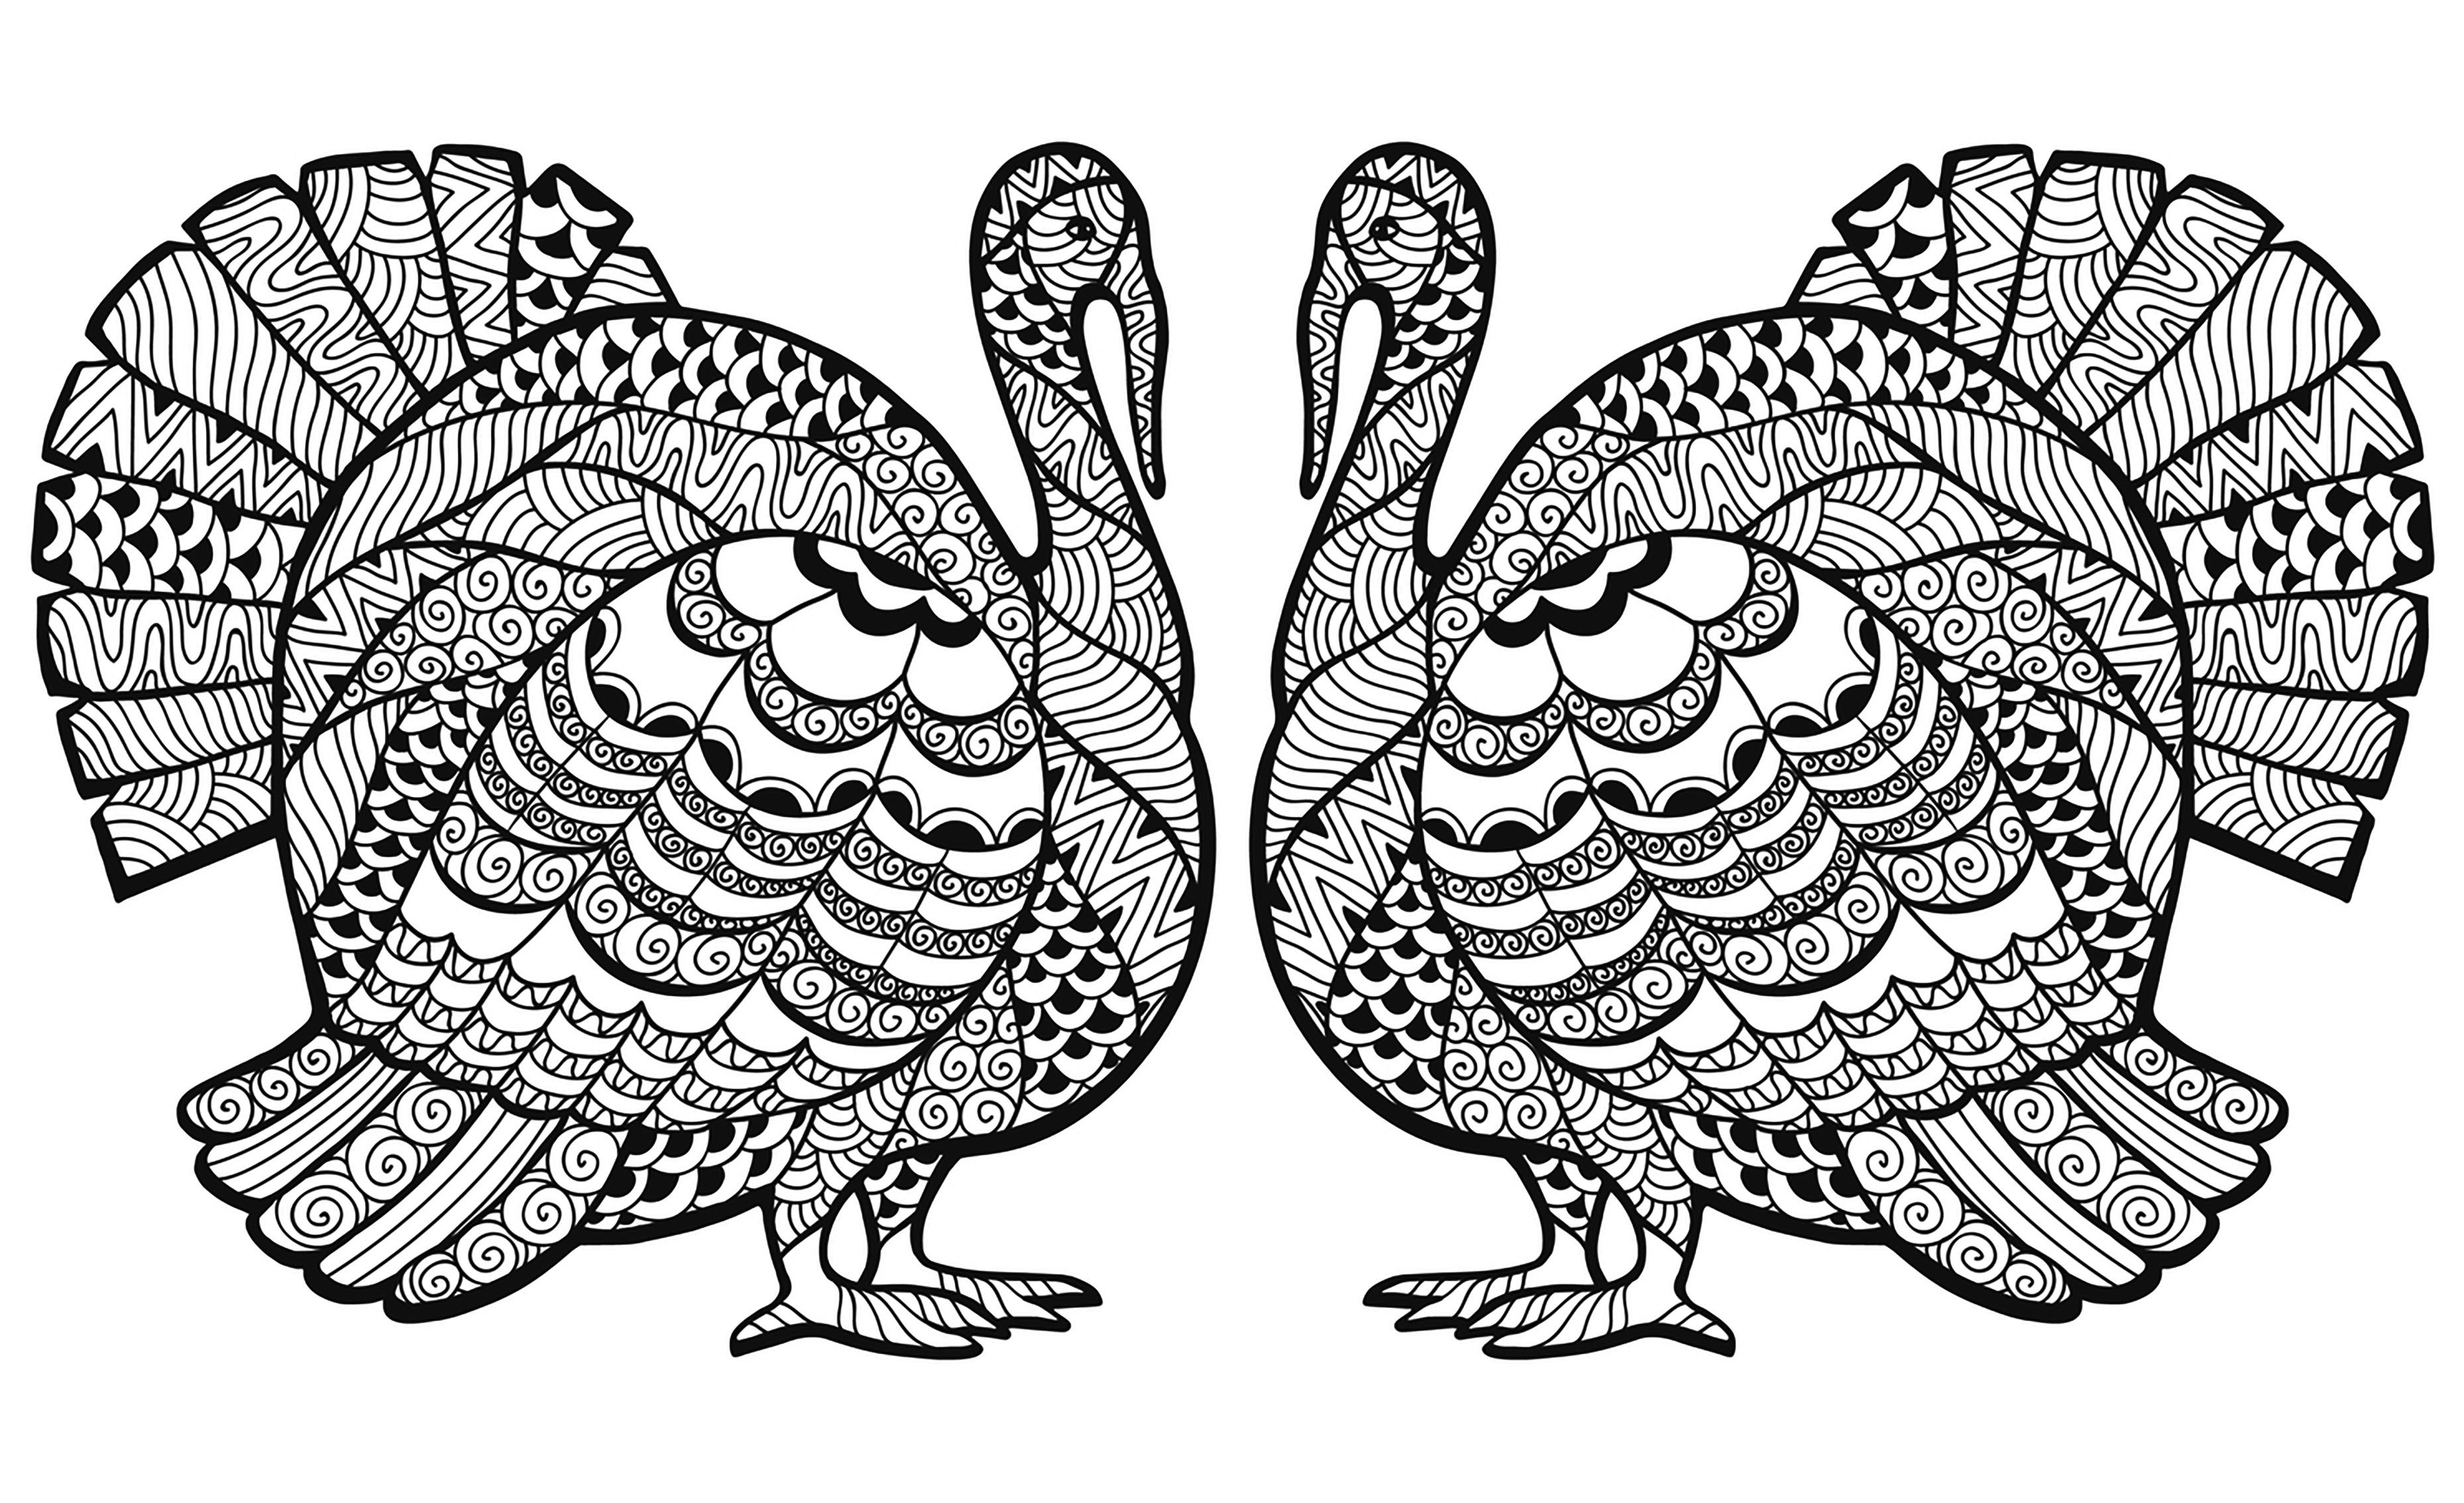 Disegni da colorare per adulti : Thanksgiving - 14